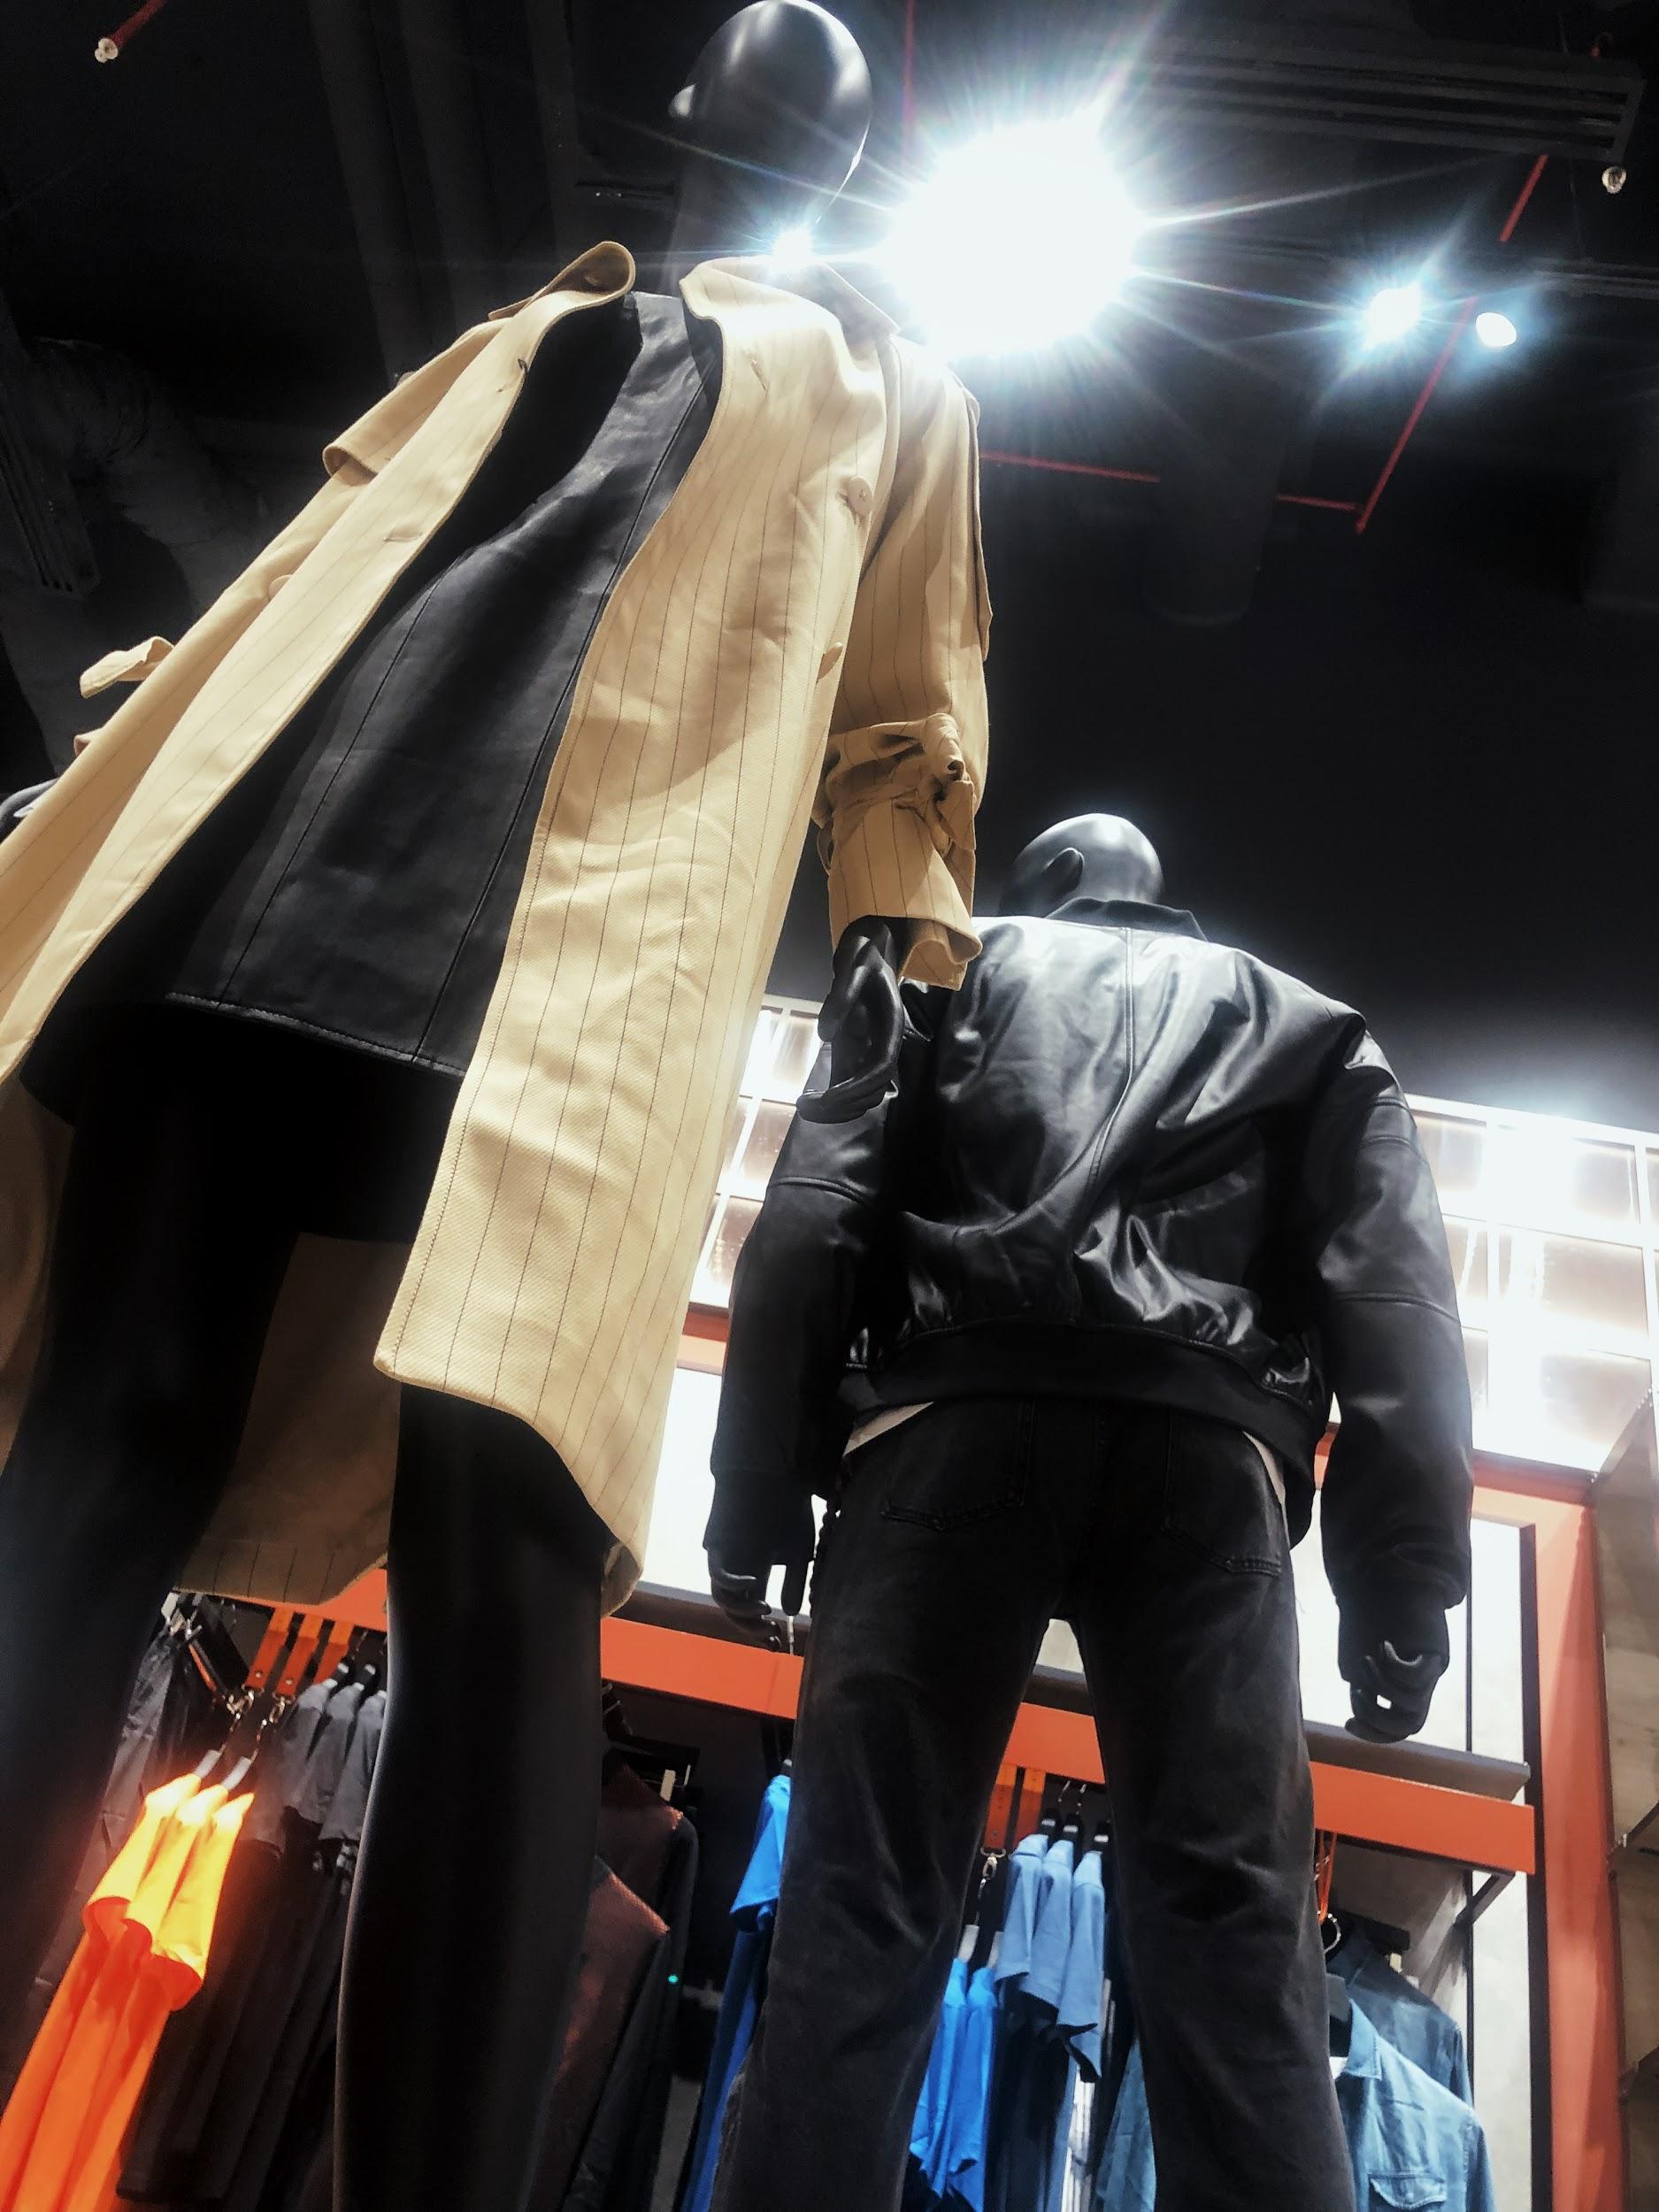 Đột nhập khu mua sắm xa xỉ bậc nhất quận 7 với sự góp mặt của 5 ông lớn ngành thời trang thế giới - Ảnh 3.